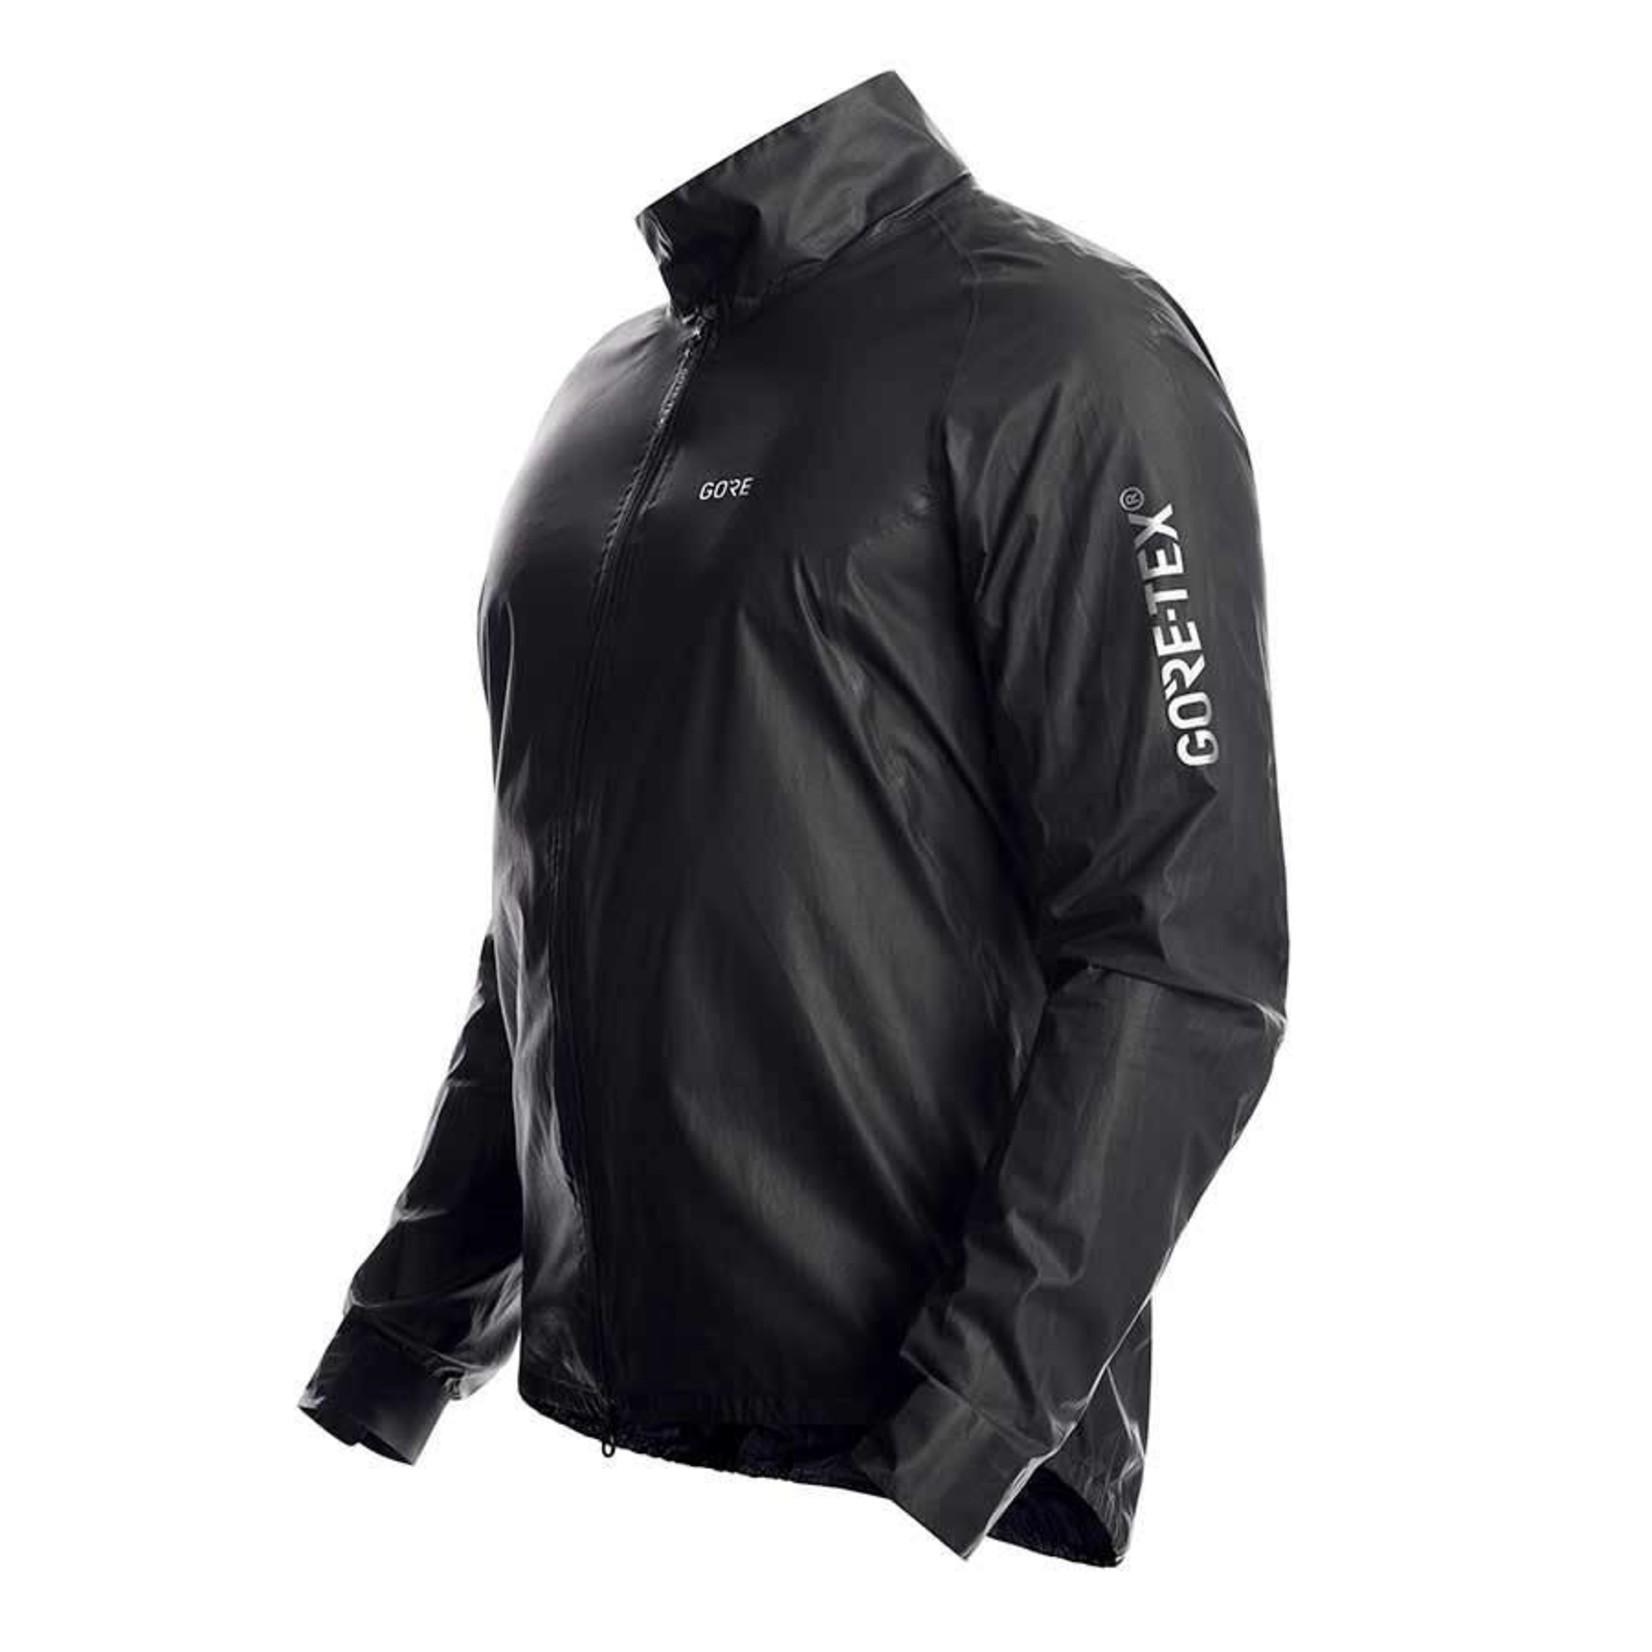 Gore Wear Gore Wear Men's C5 Shakedry 1985 Jacket